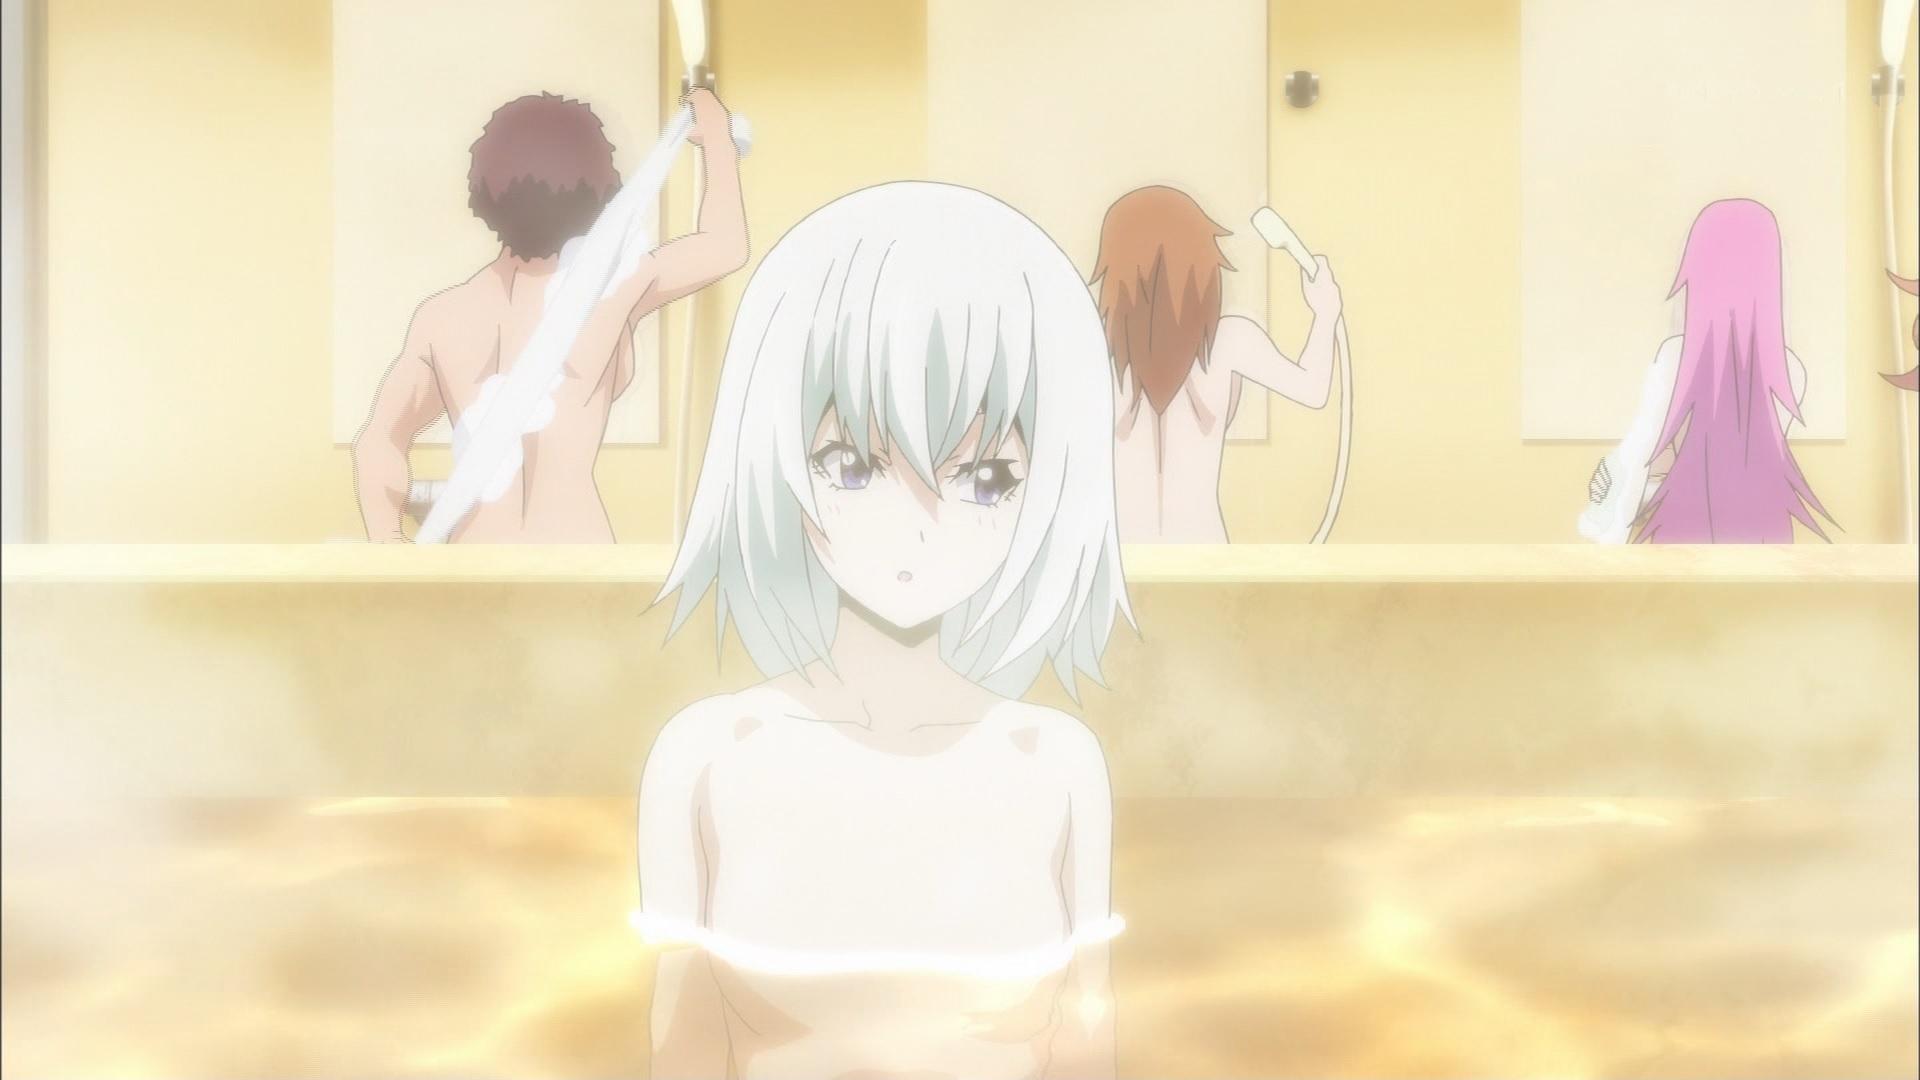 風呂に入る宮田さやか(第7話画像)